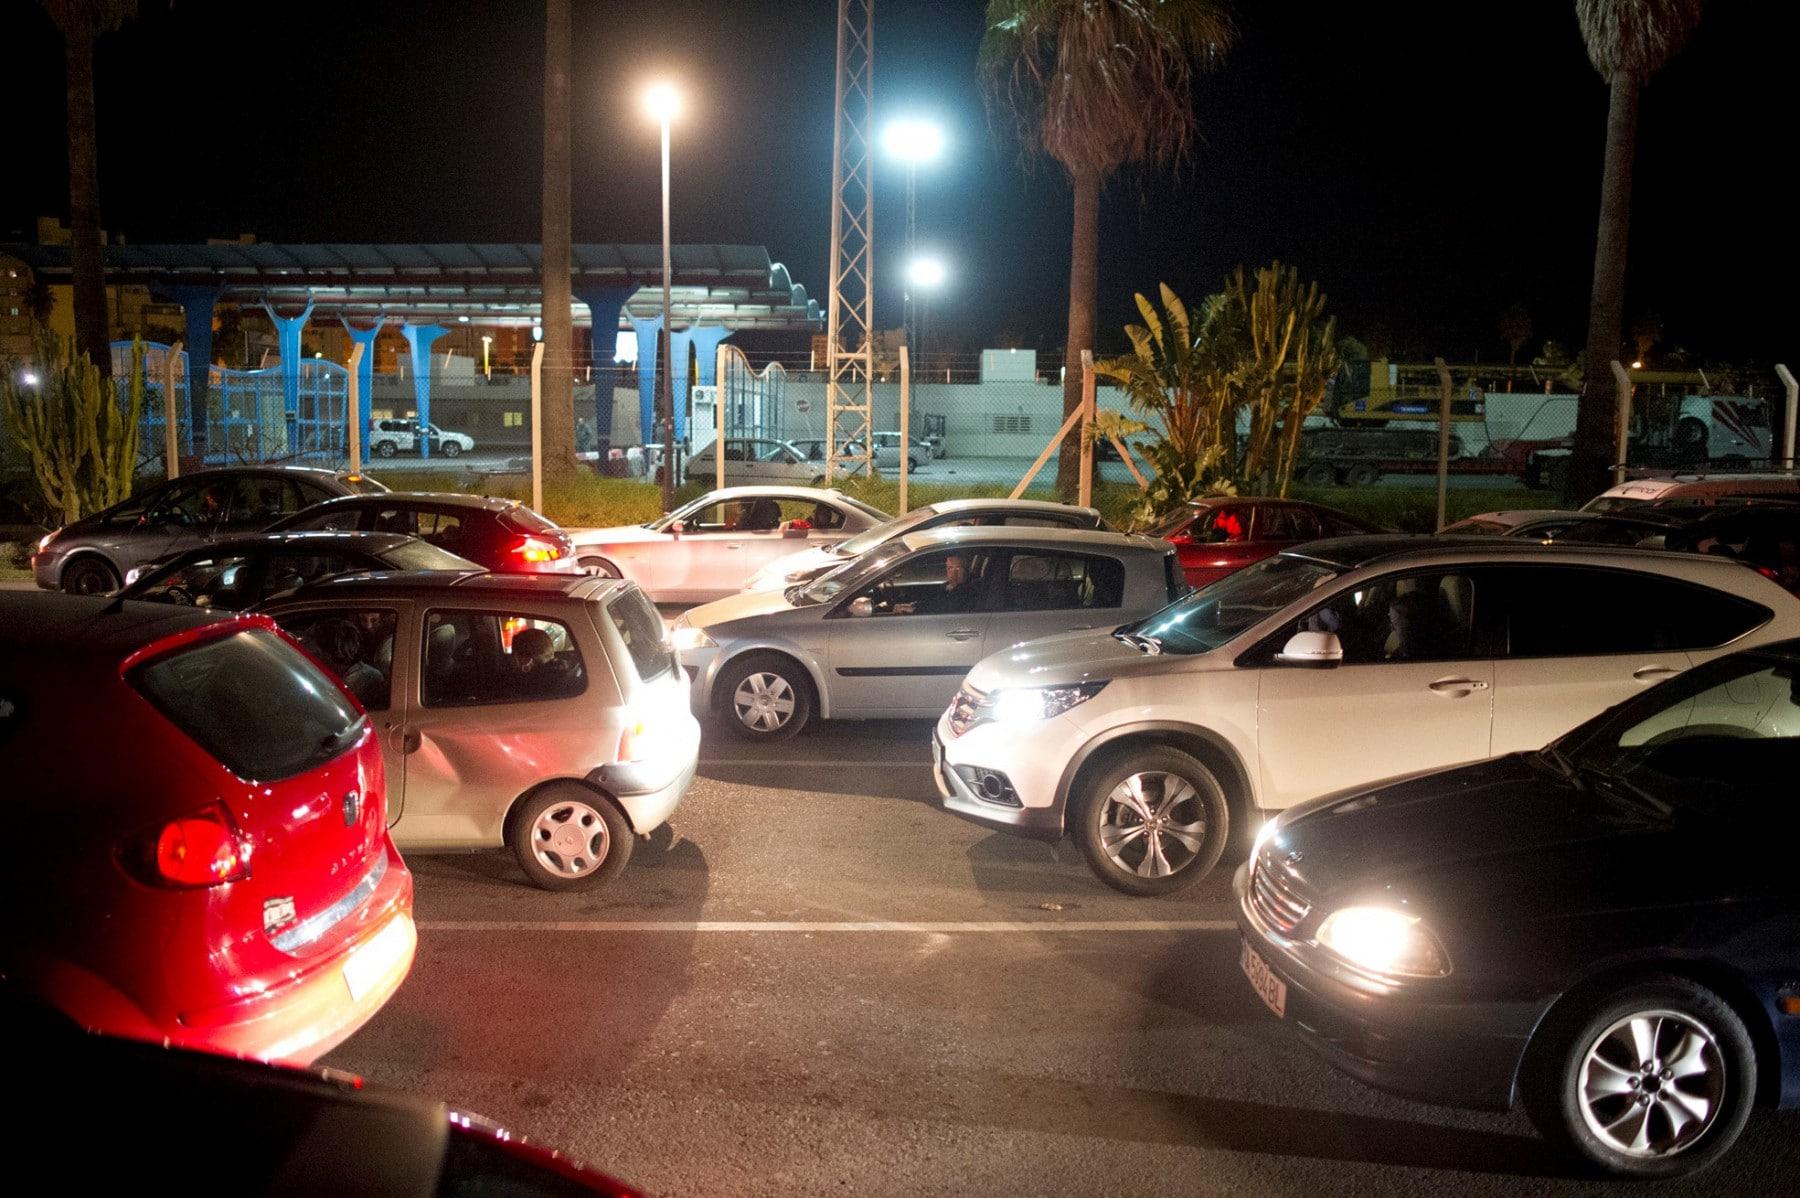 colas-frontera-de-gibraltar-11-noviembre-20145_15578248689_o